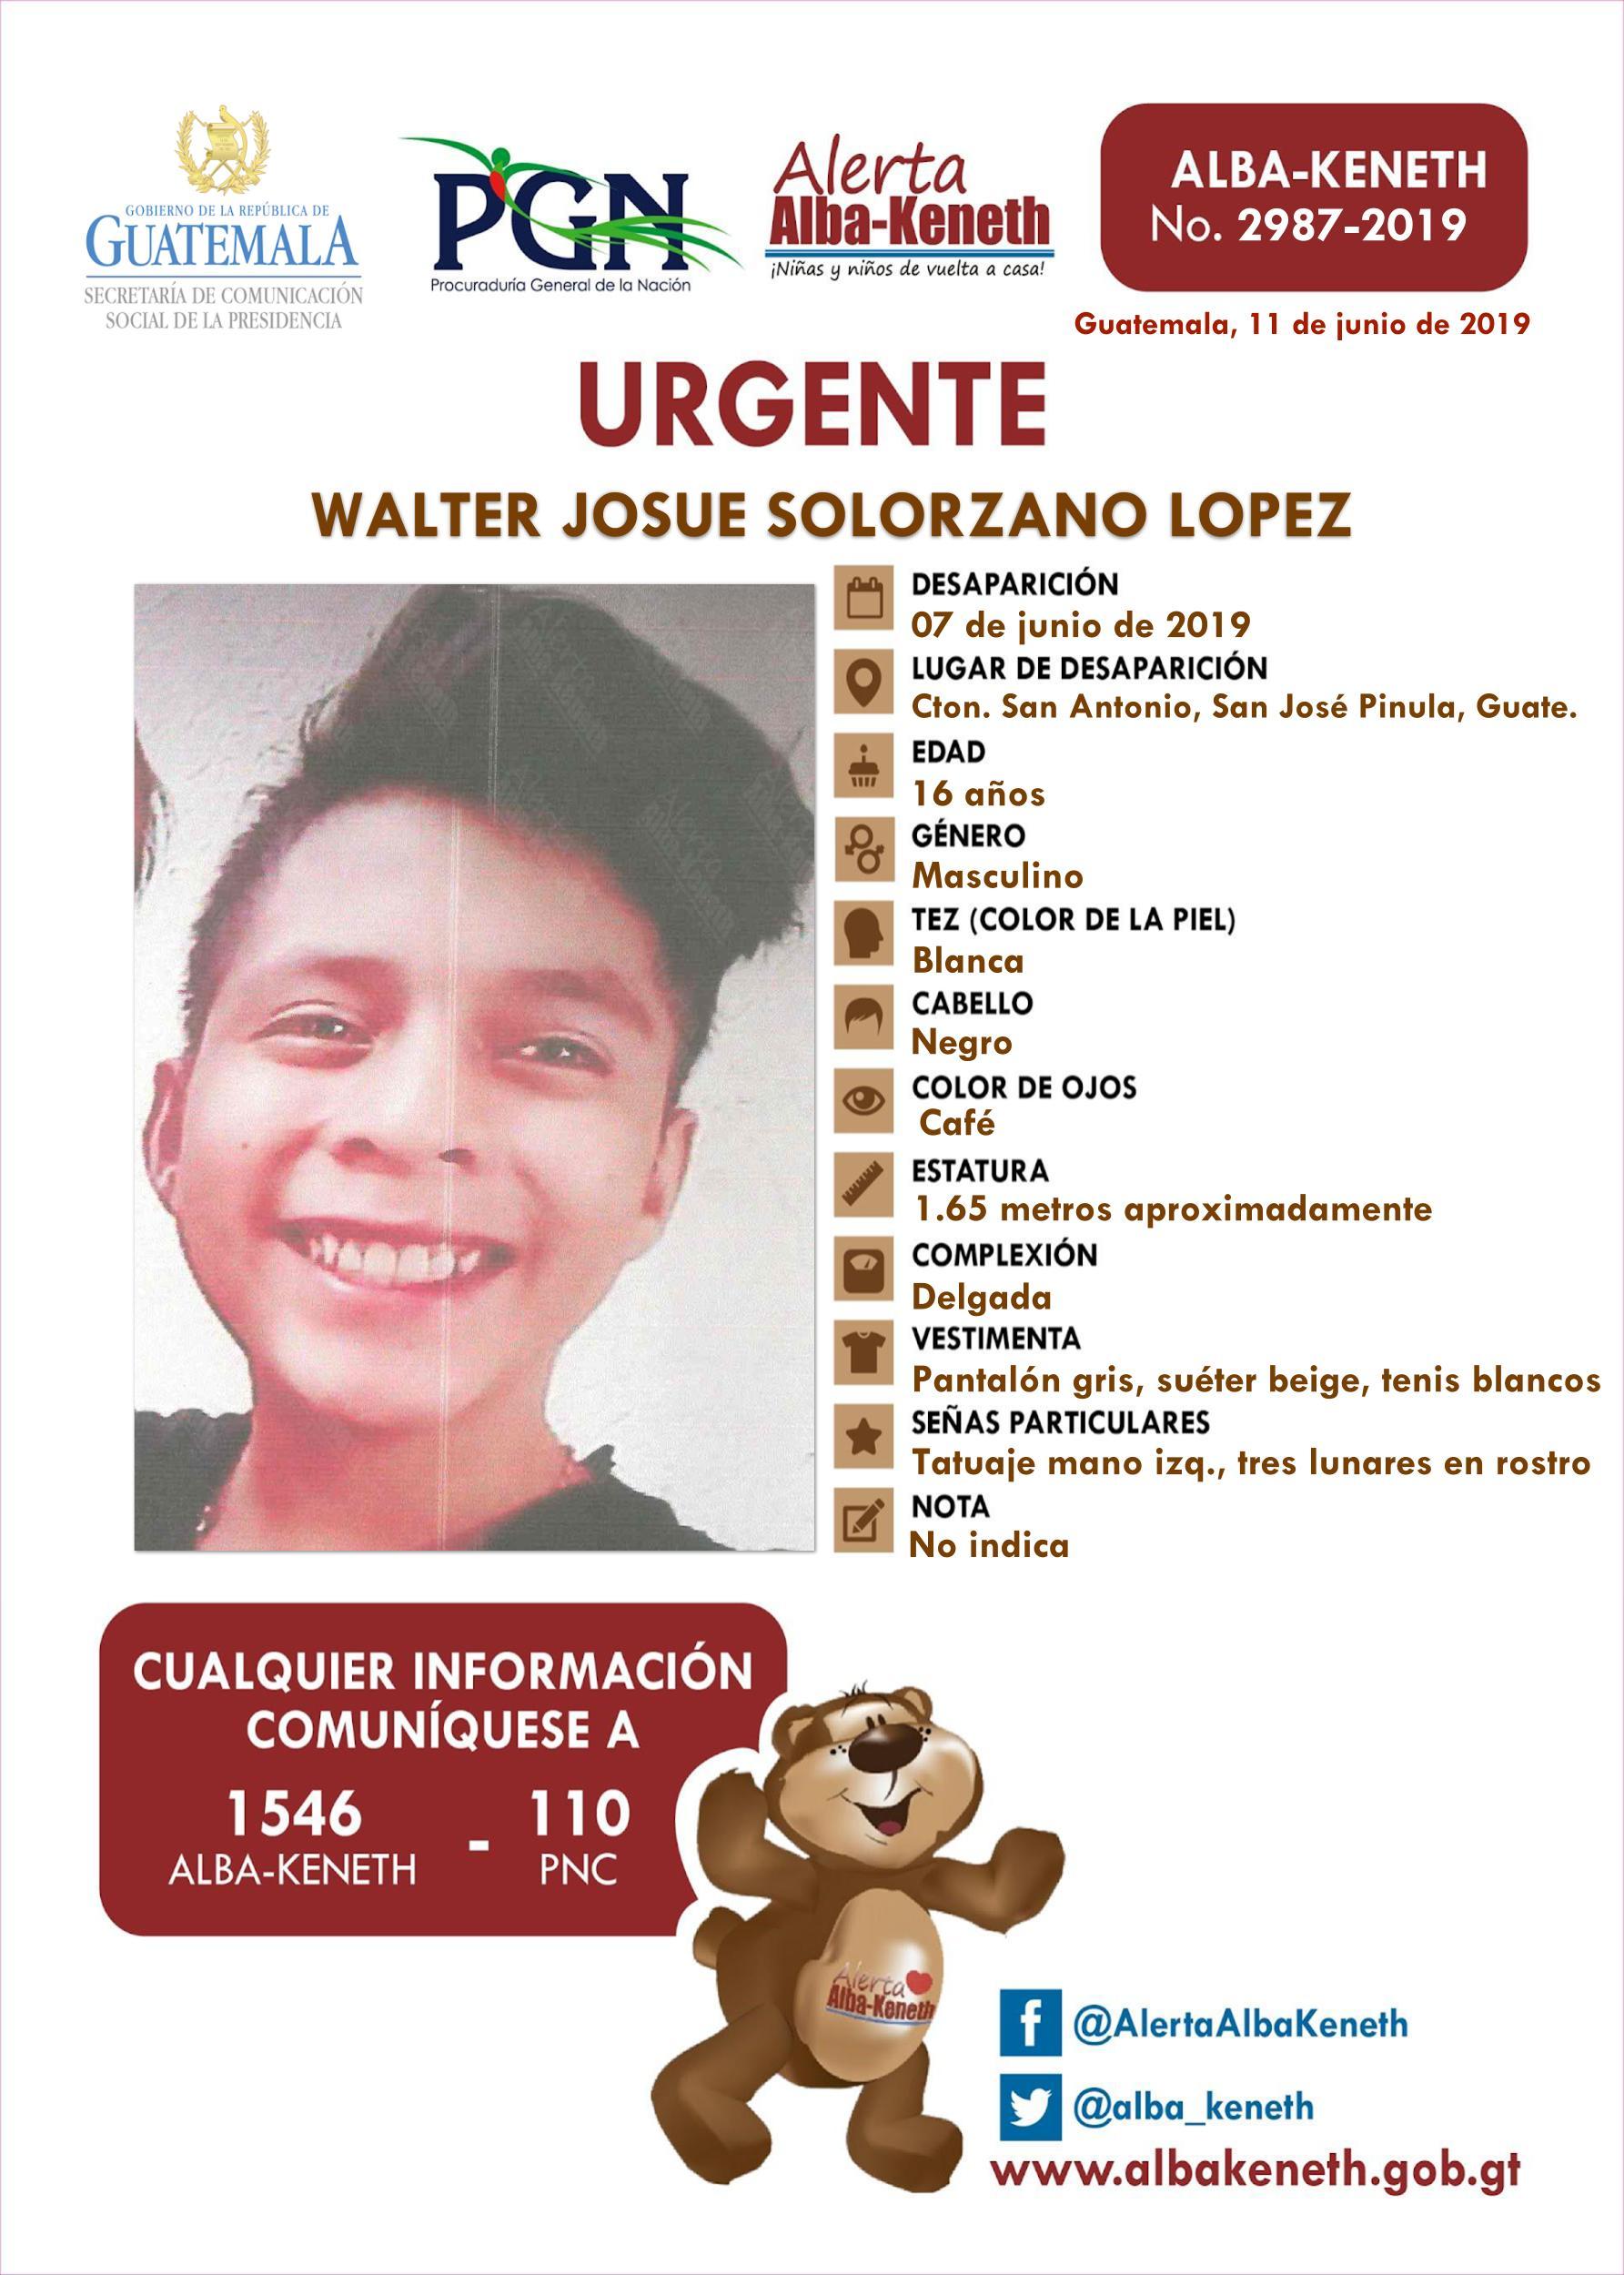 Walter Josue Solorzano Lopez